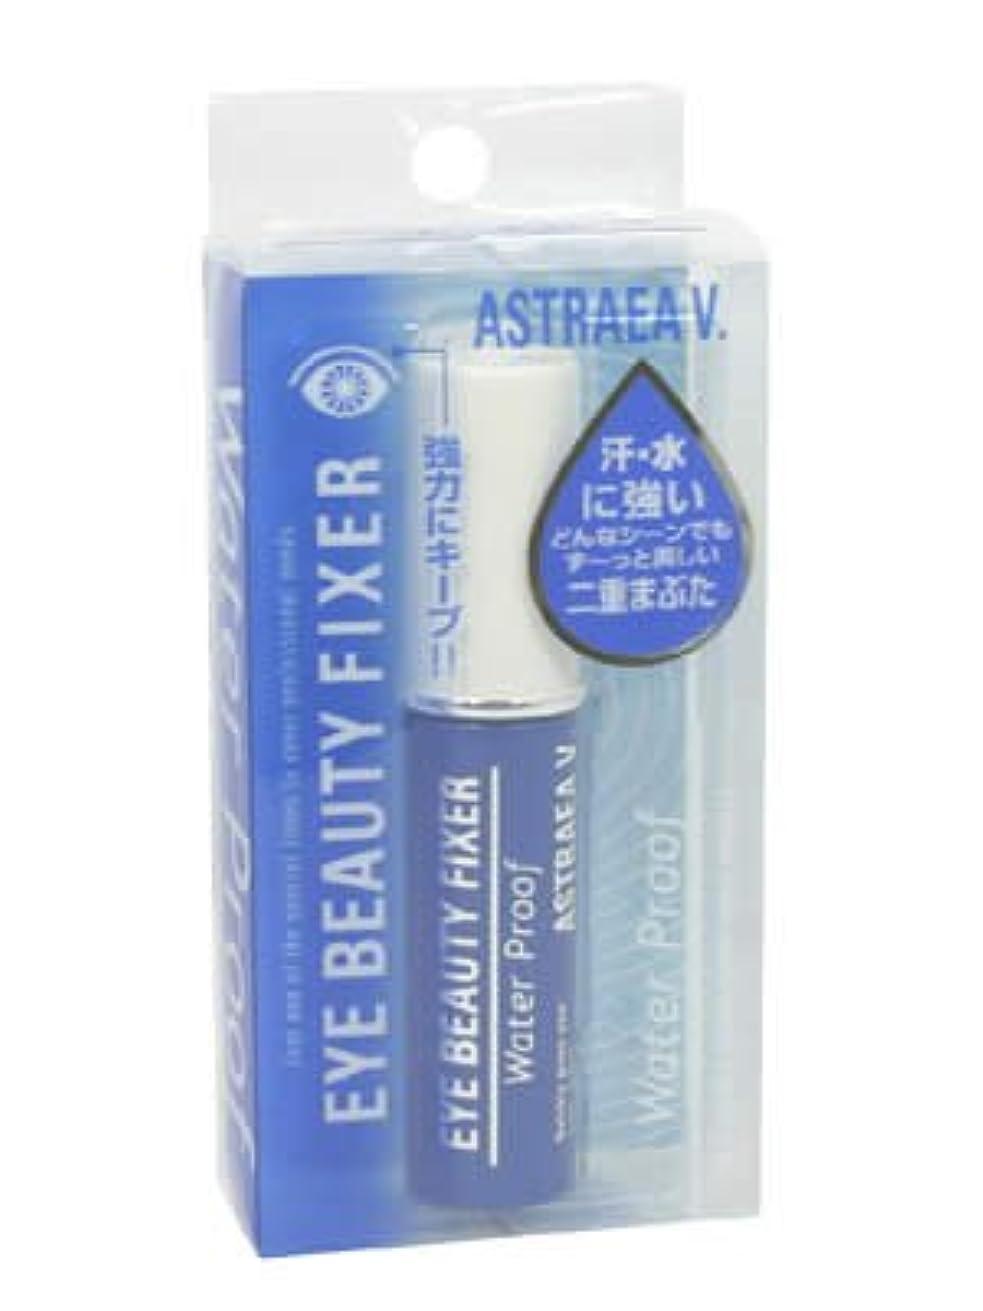 ダイバー注目すべき化合物アストレアヴィルゴ(ASTRAEA V.) アストレア ヴィルゴ アイビューティーフィクサー WP 単品